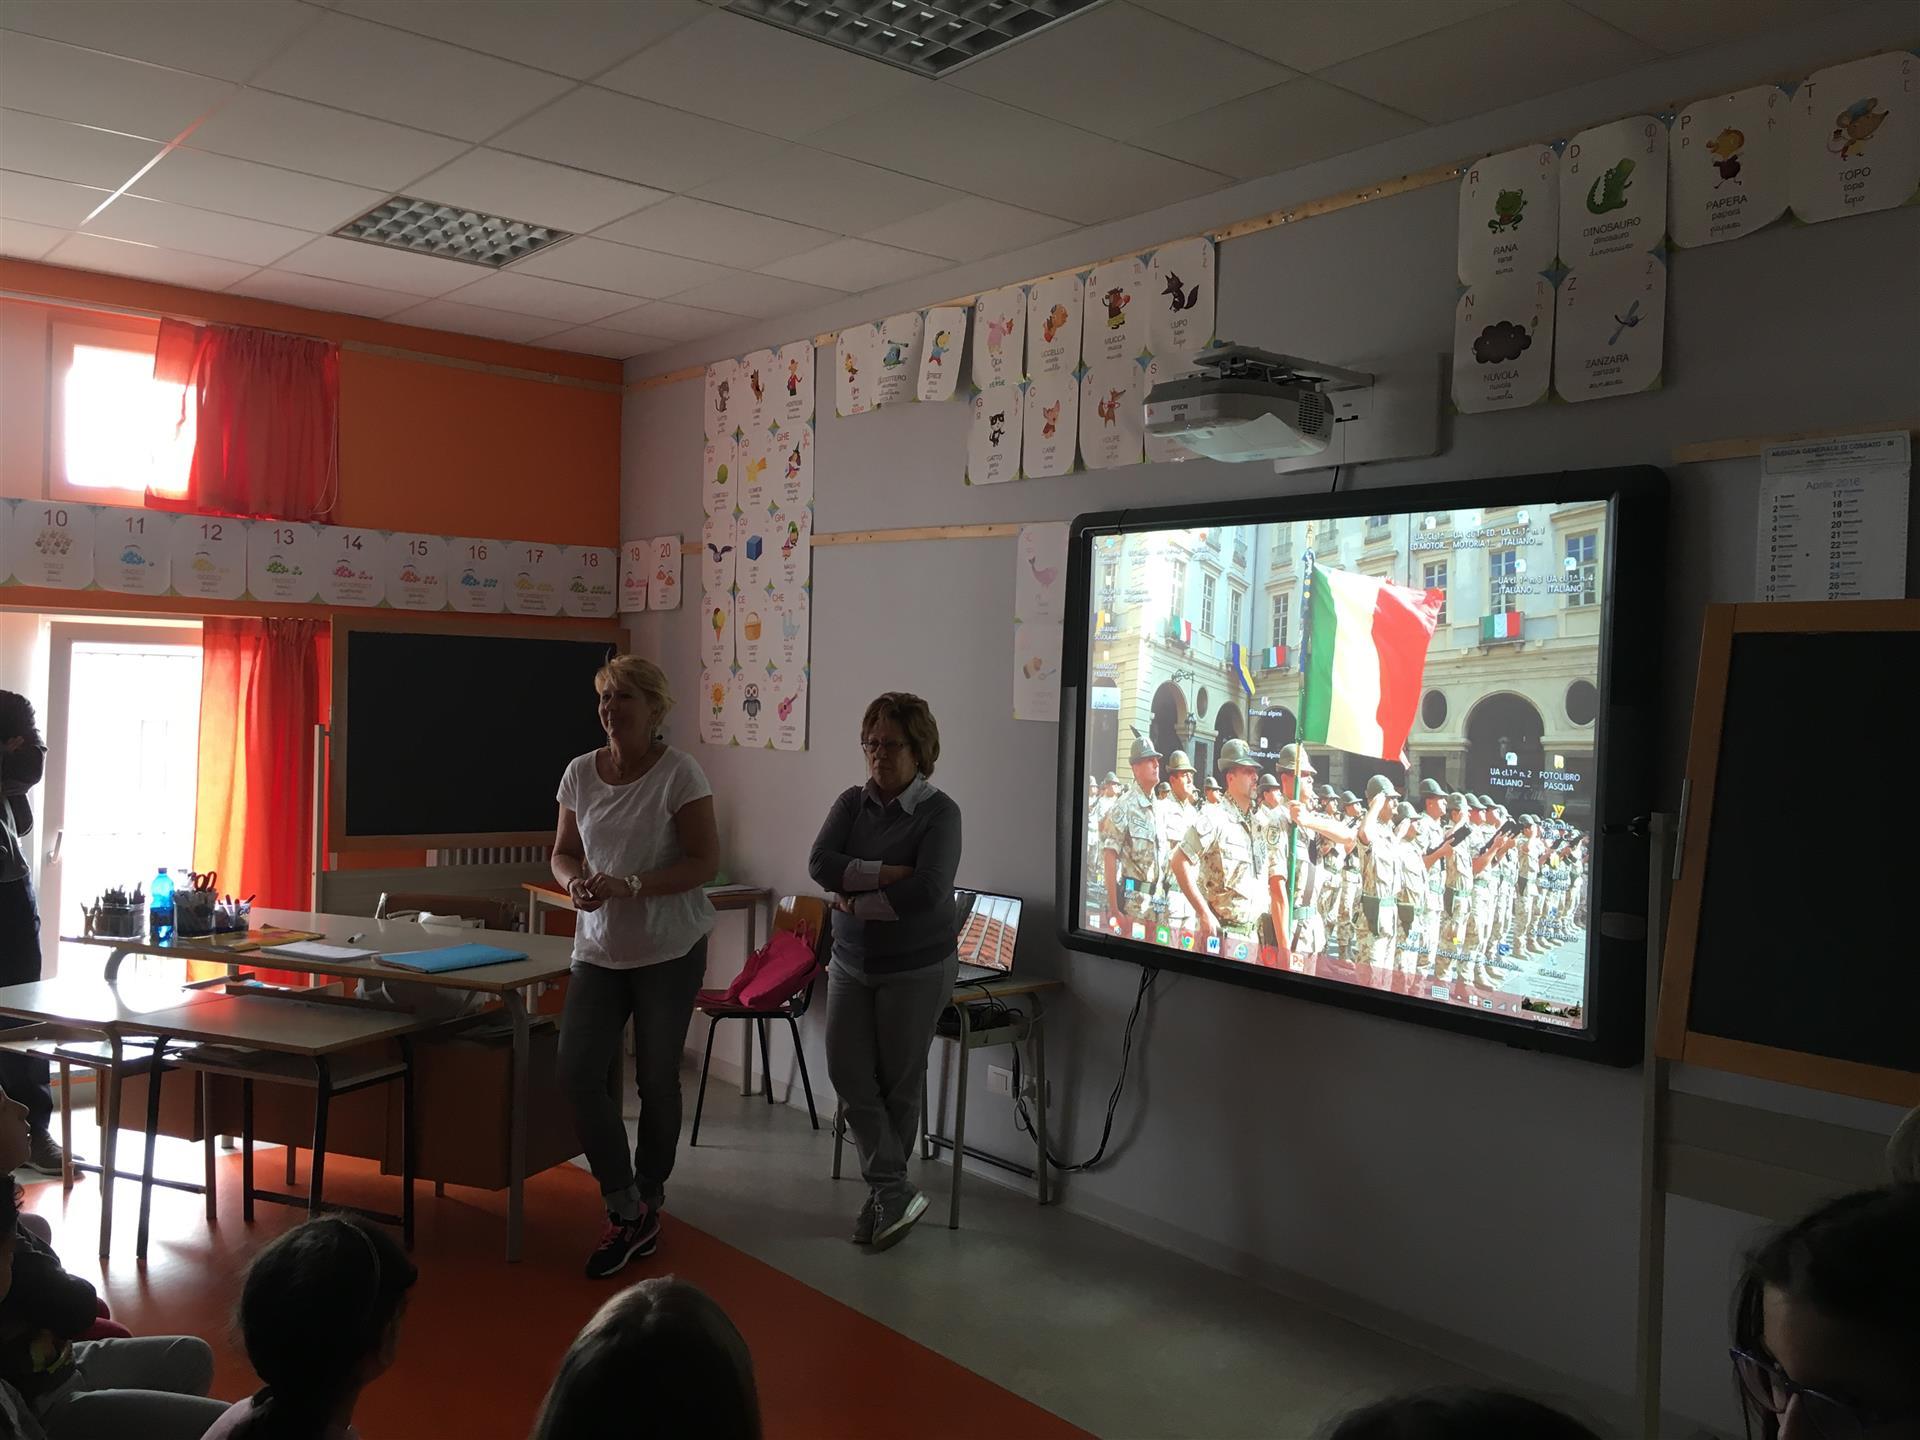 Le insegnanti mostrano il video agli alpini